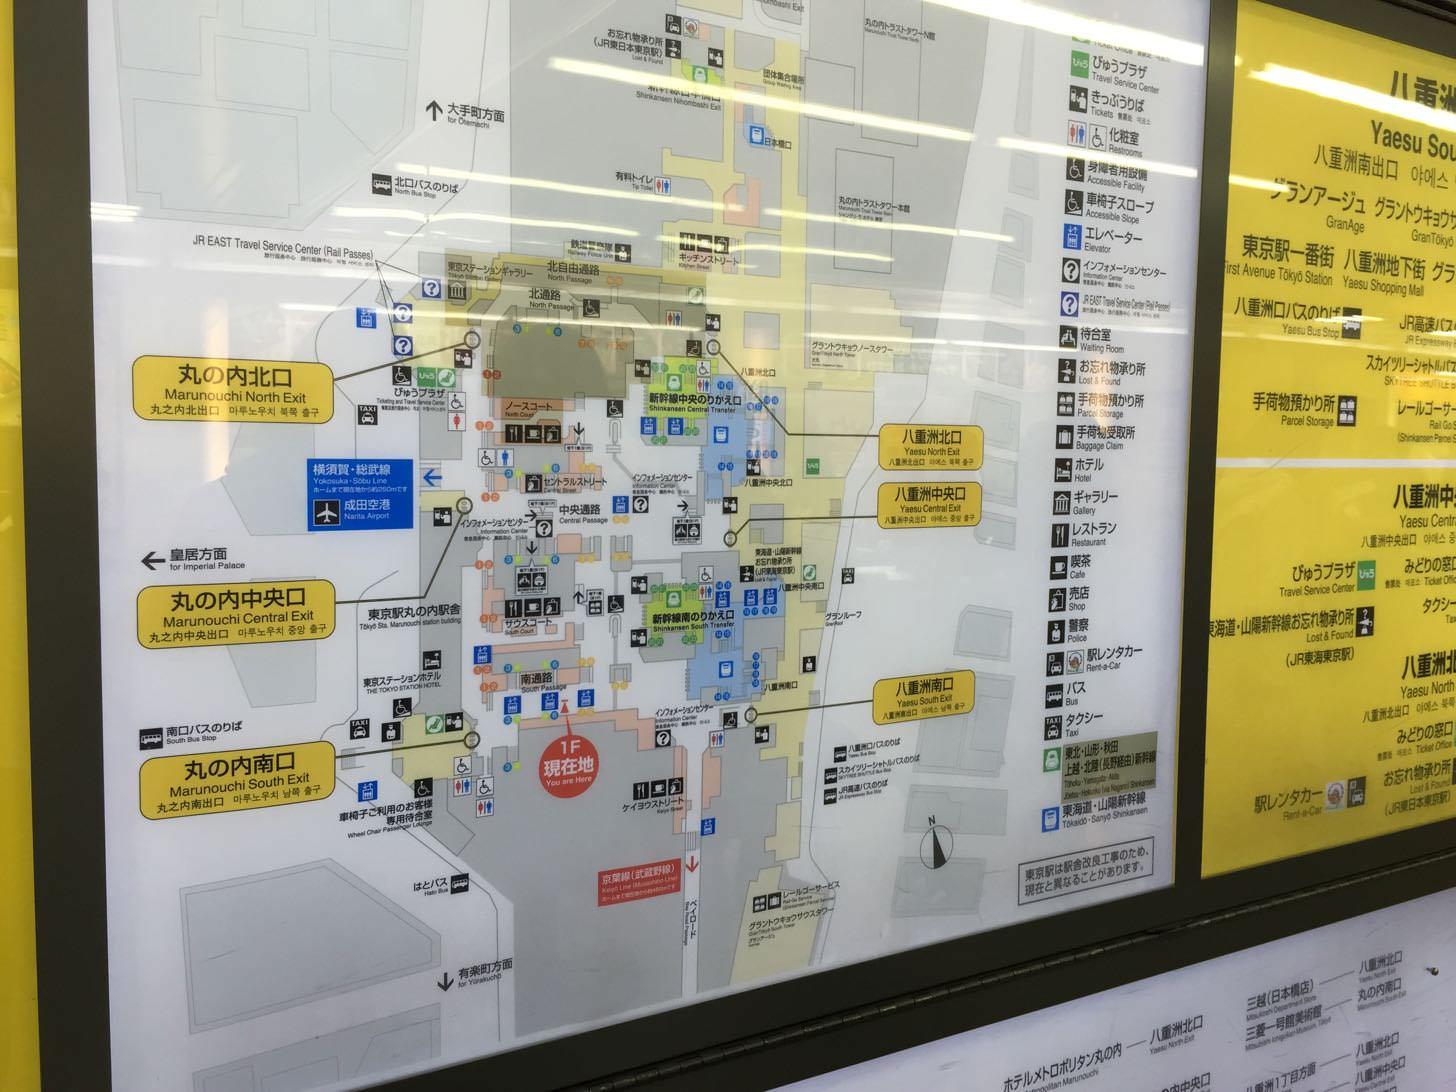 東京駅の崎陽軒の場所を示す地図